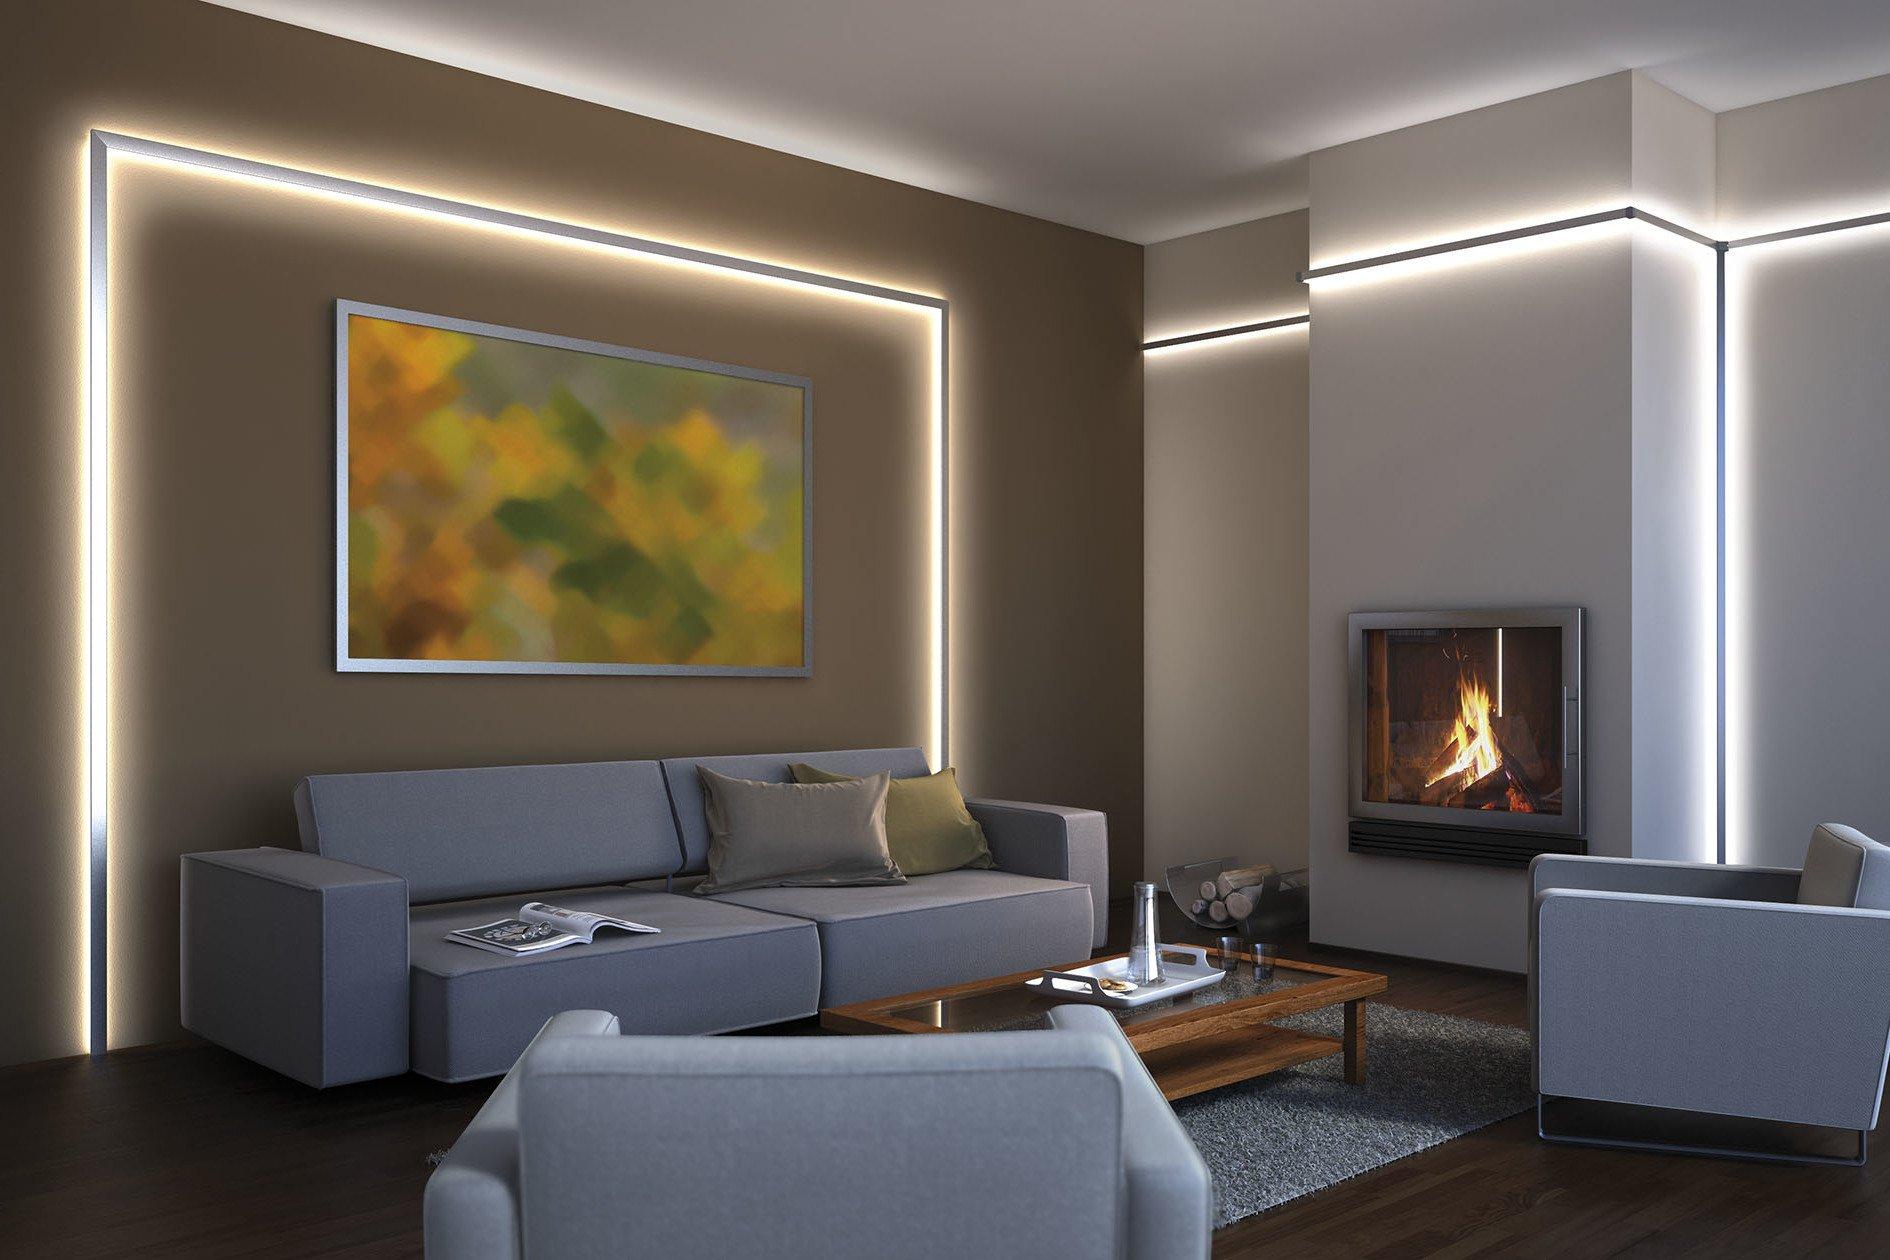 Machen Sie sich das Zuhause nett mit ein wenig LED